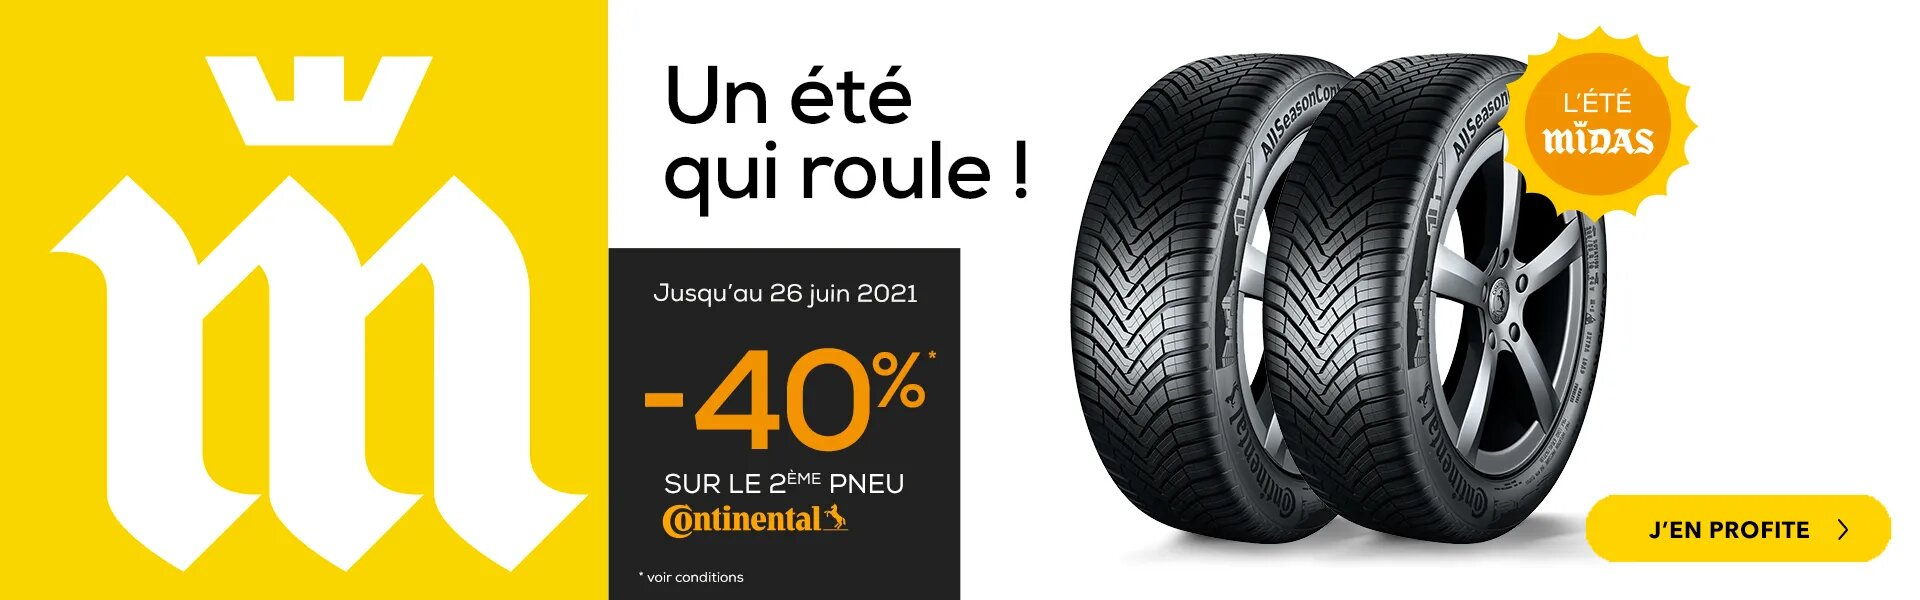 Profitez de -40% sur votre 2ème pneu Continental !